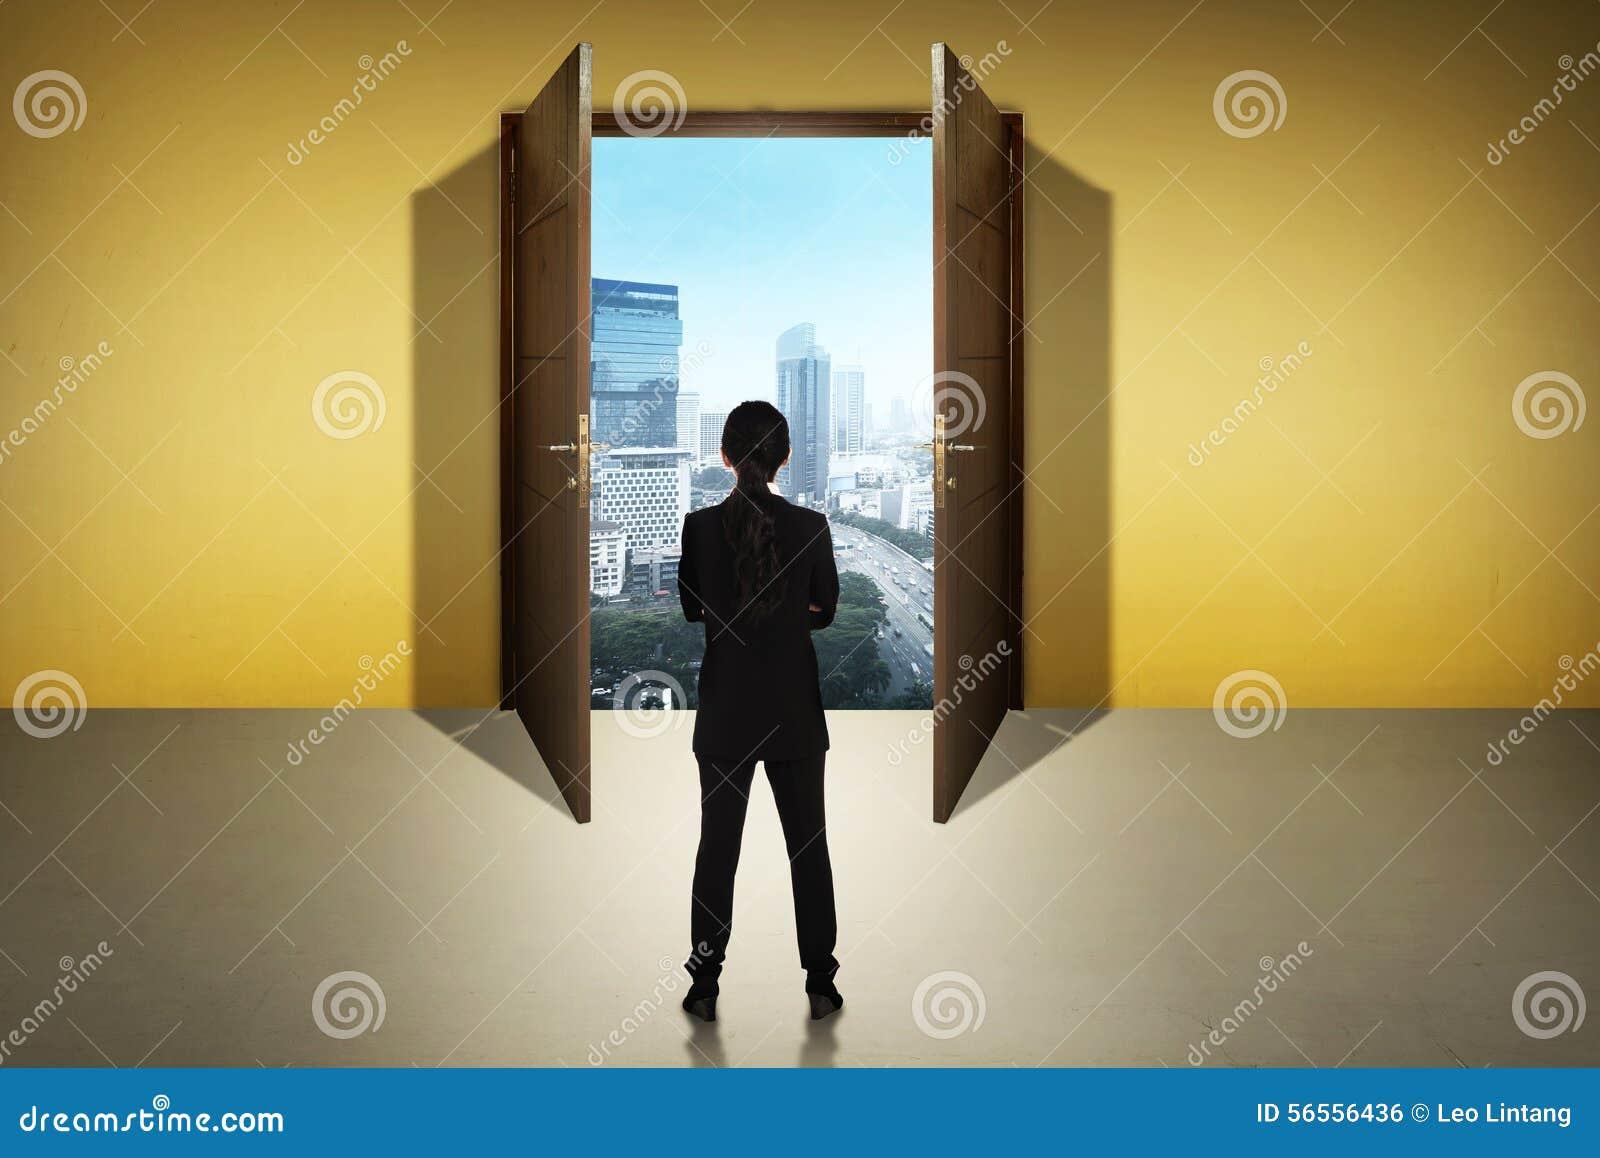 Girl Walks Into Door : Woman walking into bright door stock photo cartoondealer